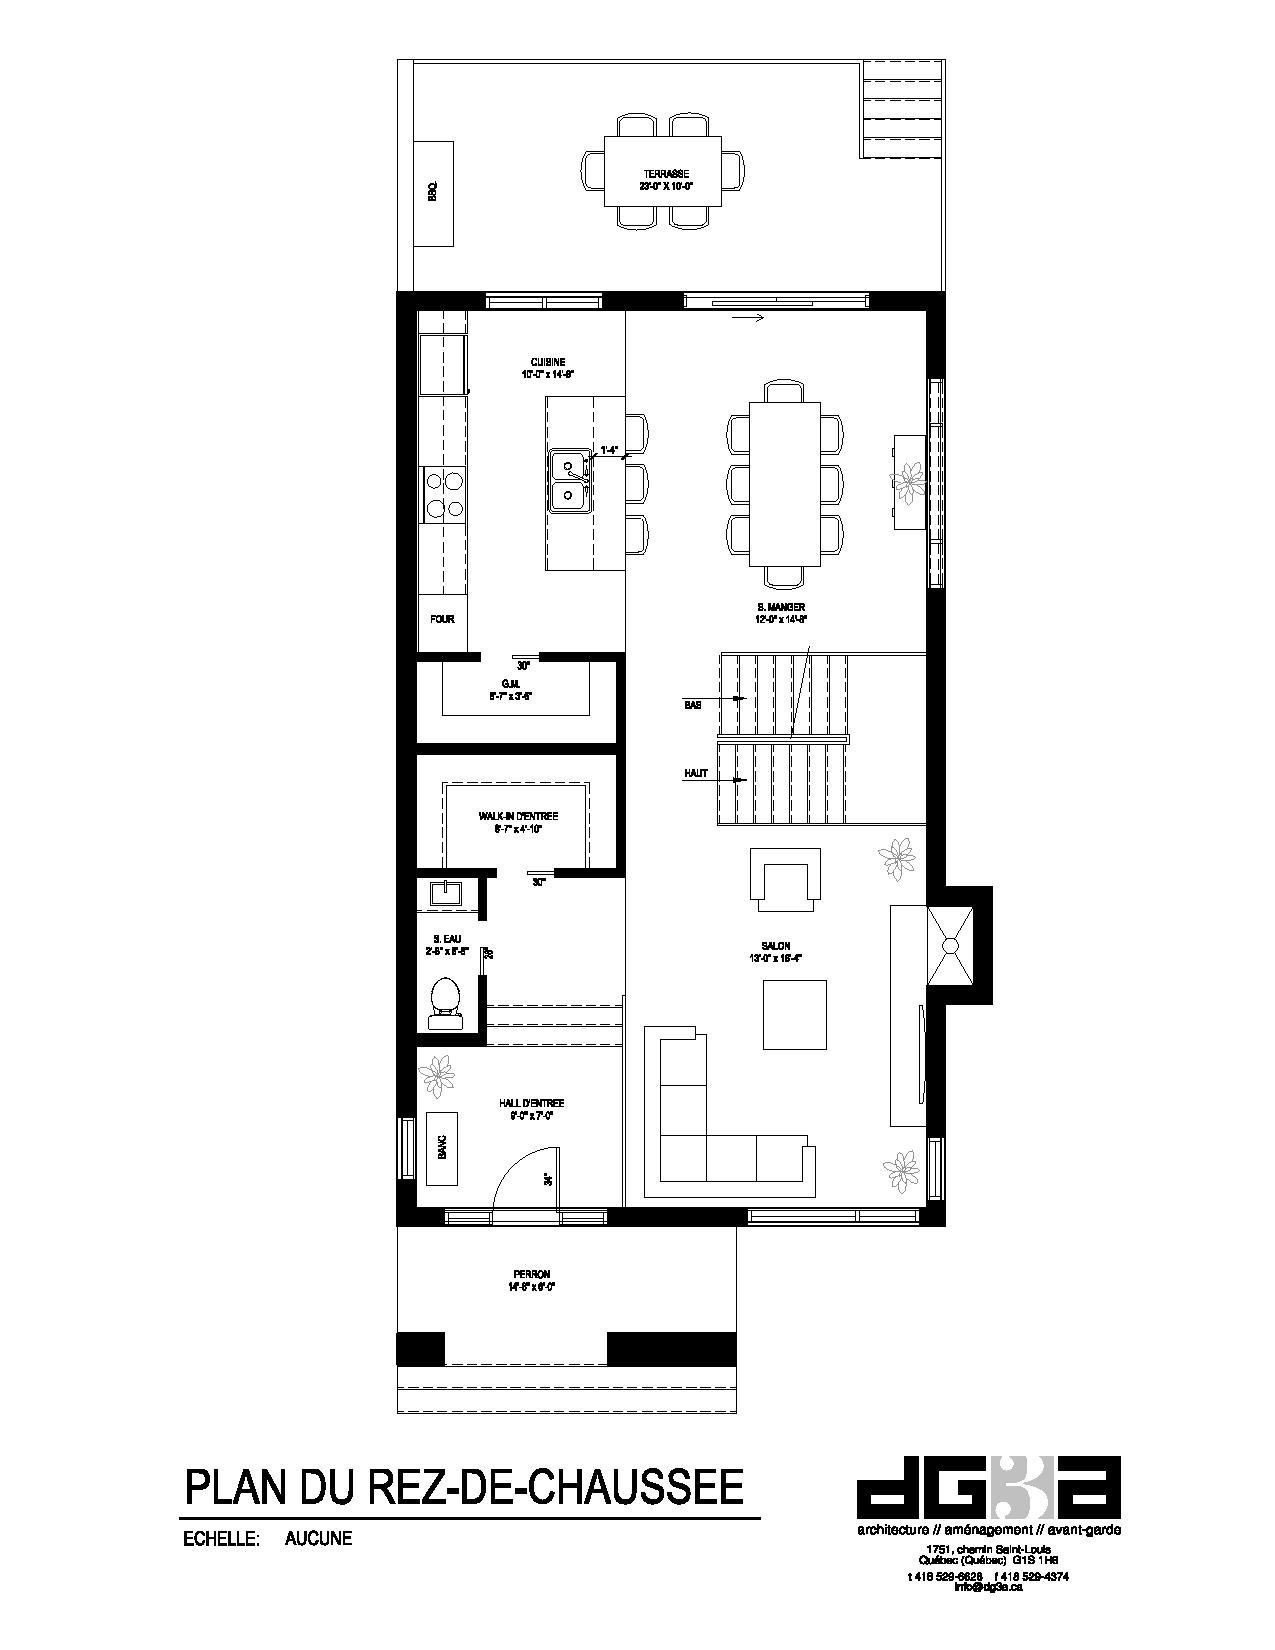 des seigneurs plan de vente rdc page 001. Black Bedroom Furniture Sets. Home Design Ideas